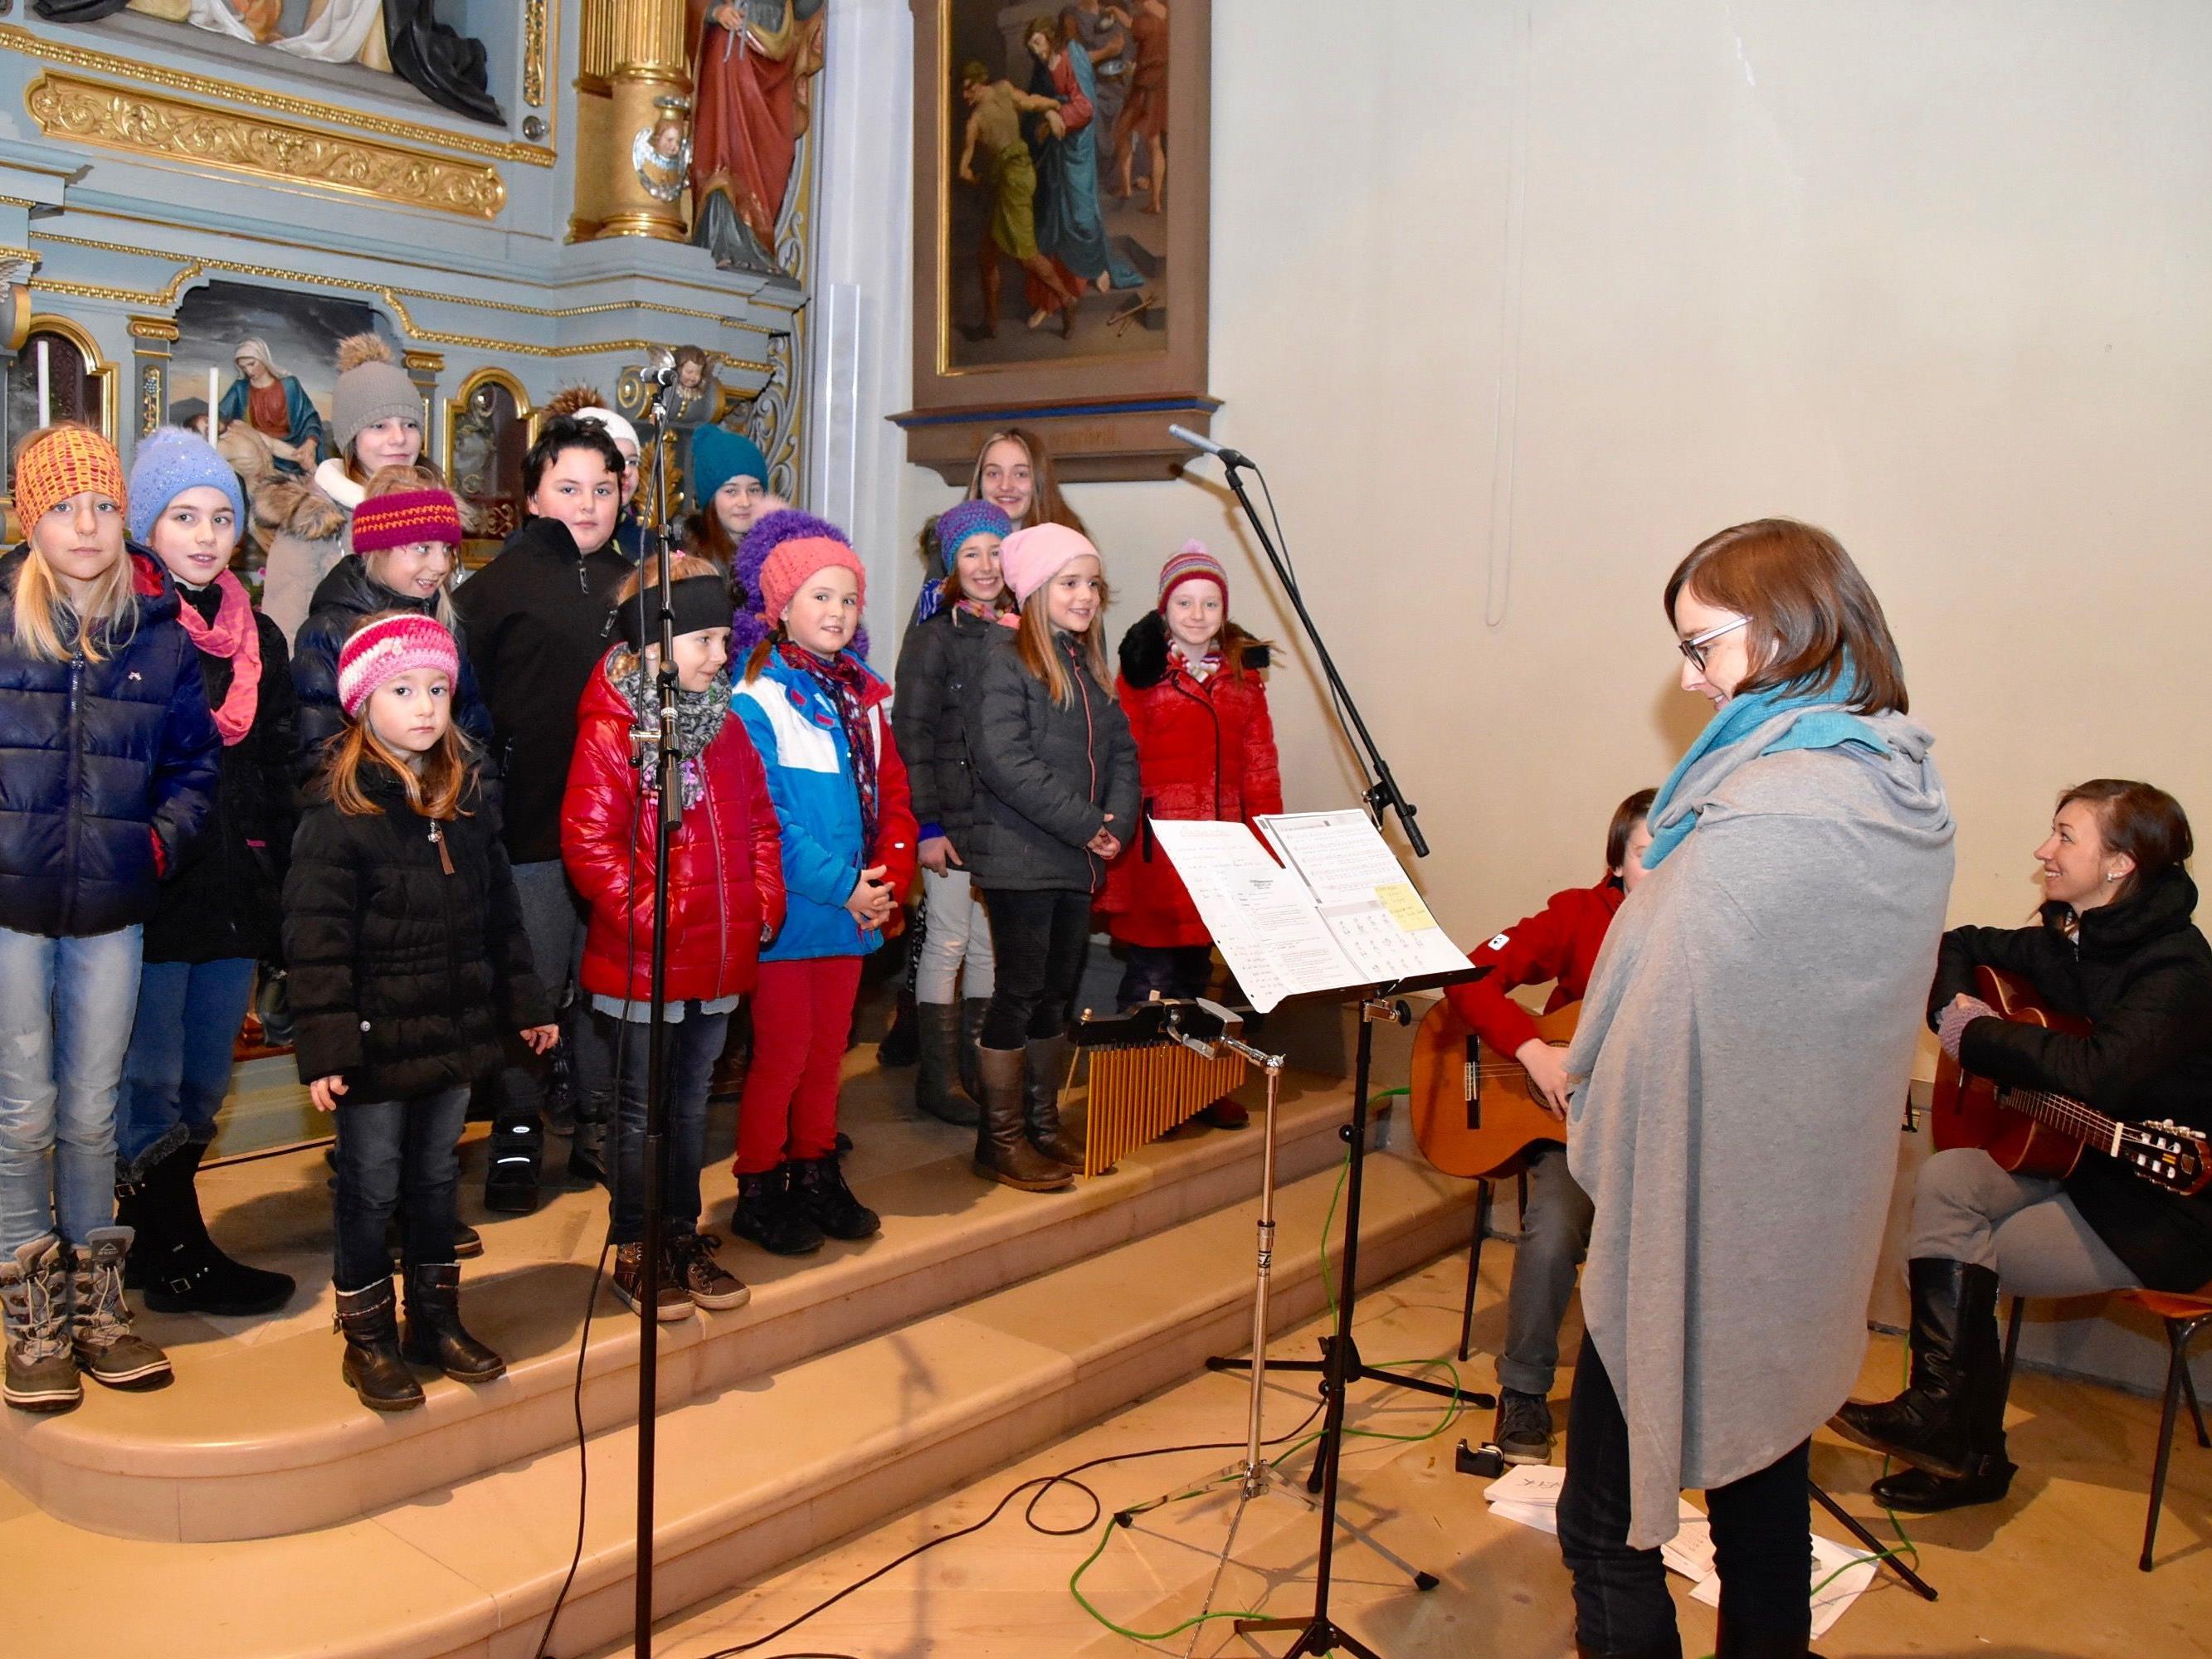 Der Schrunser Kinderchor wird den Pfarrgottesdienst in seiner Heimatgemeinde mitgestalten.